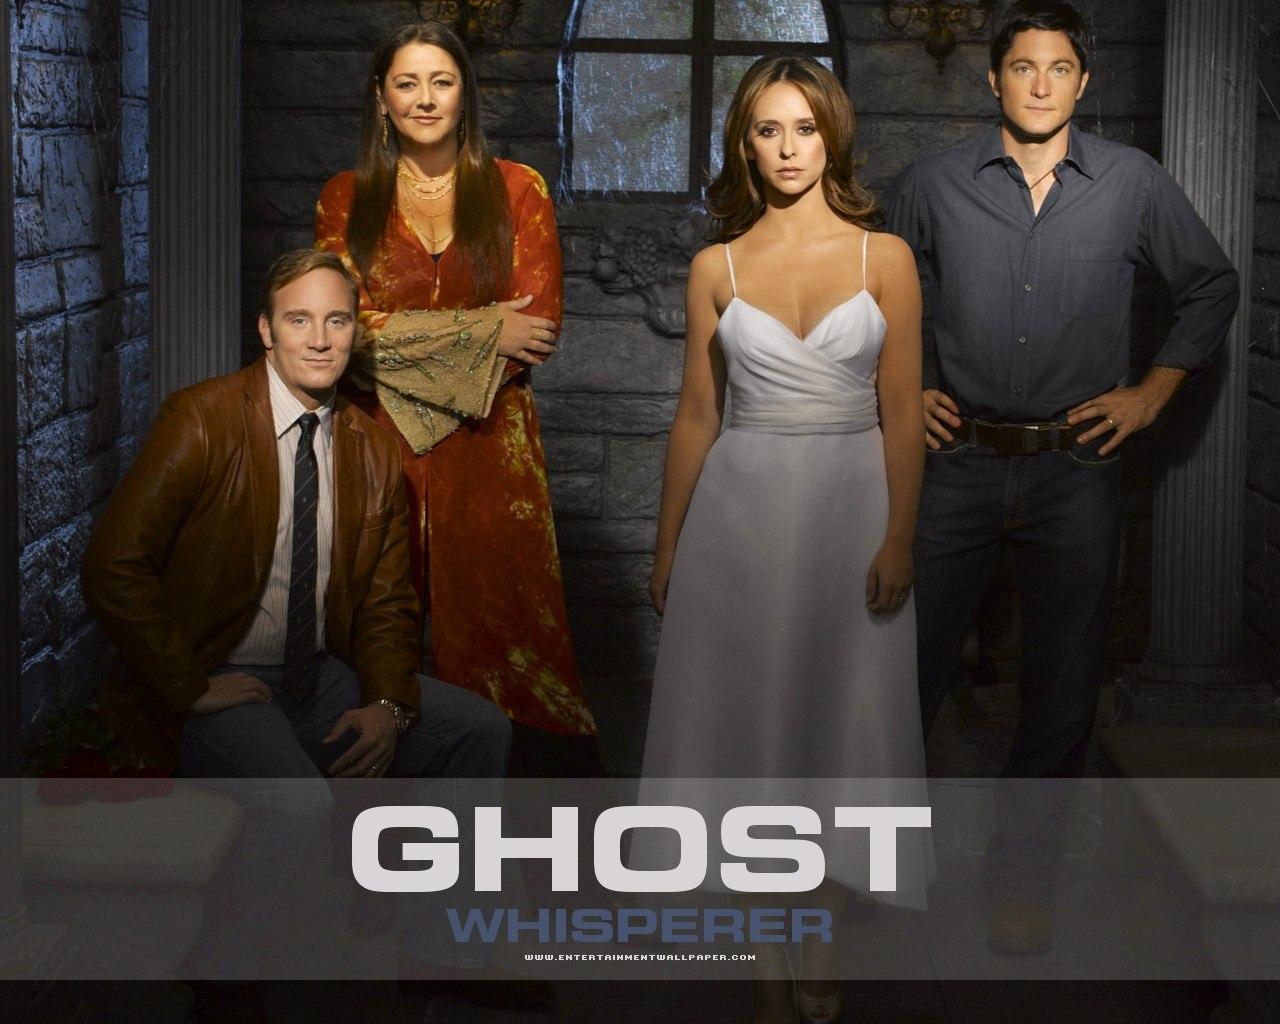 http://images2.fanpop.com/images/photos/2900000/Ghost-Whisperer-ghost-whisperer-2960542-1280-1024.jpg